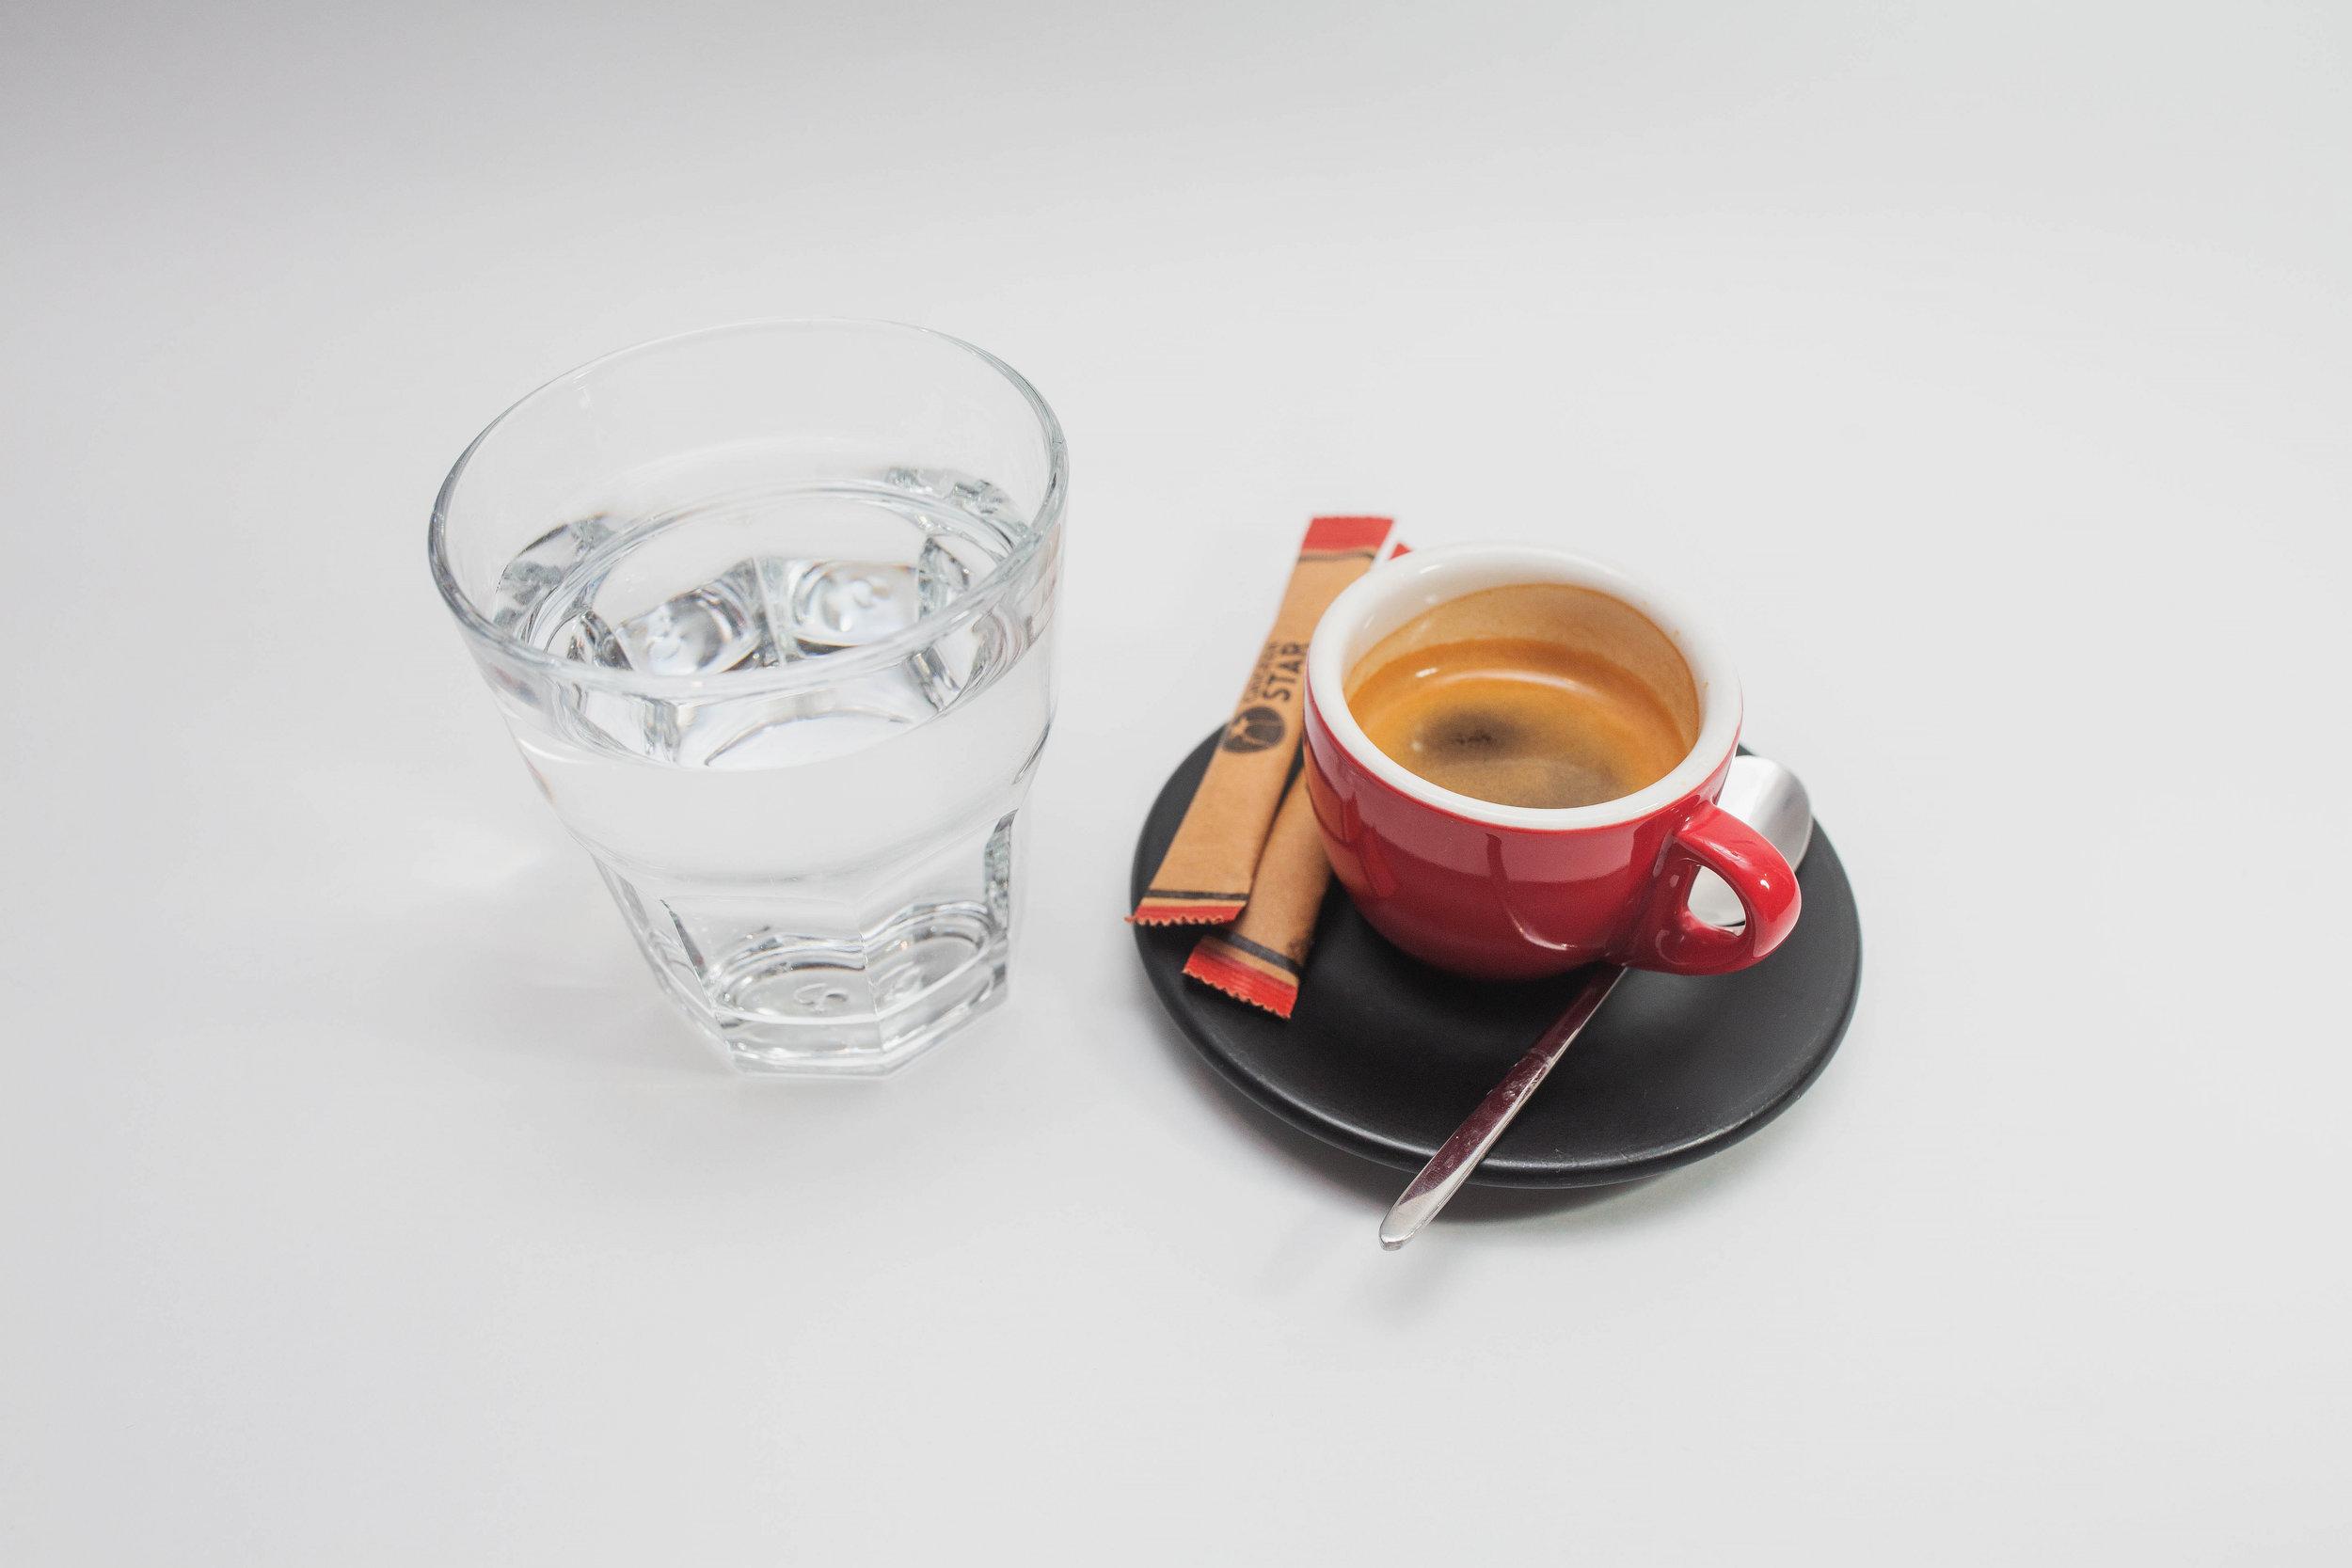 Espresso - Solo / Doppio100 kgs / 150 kgs